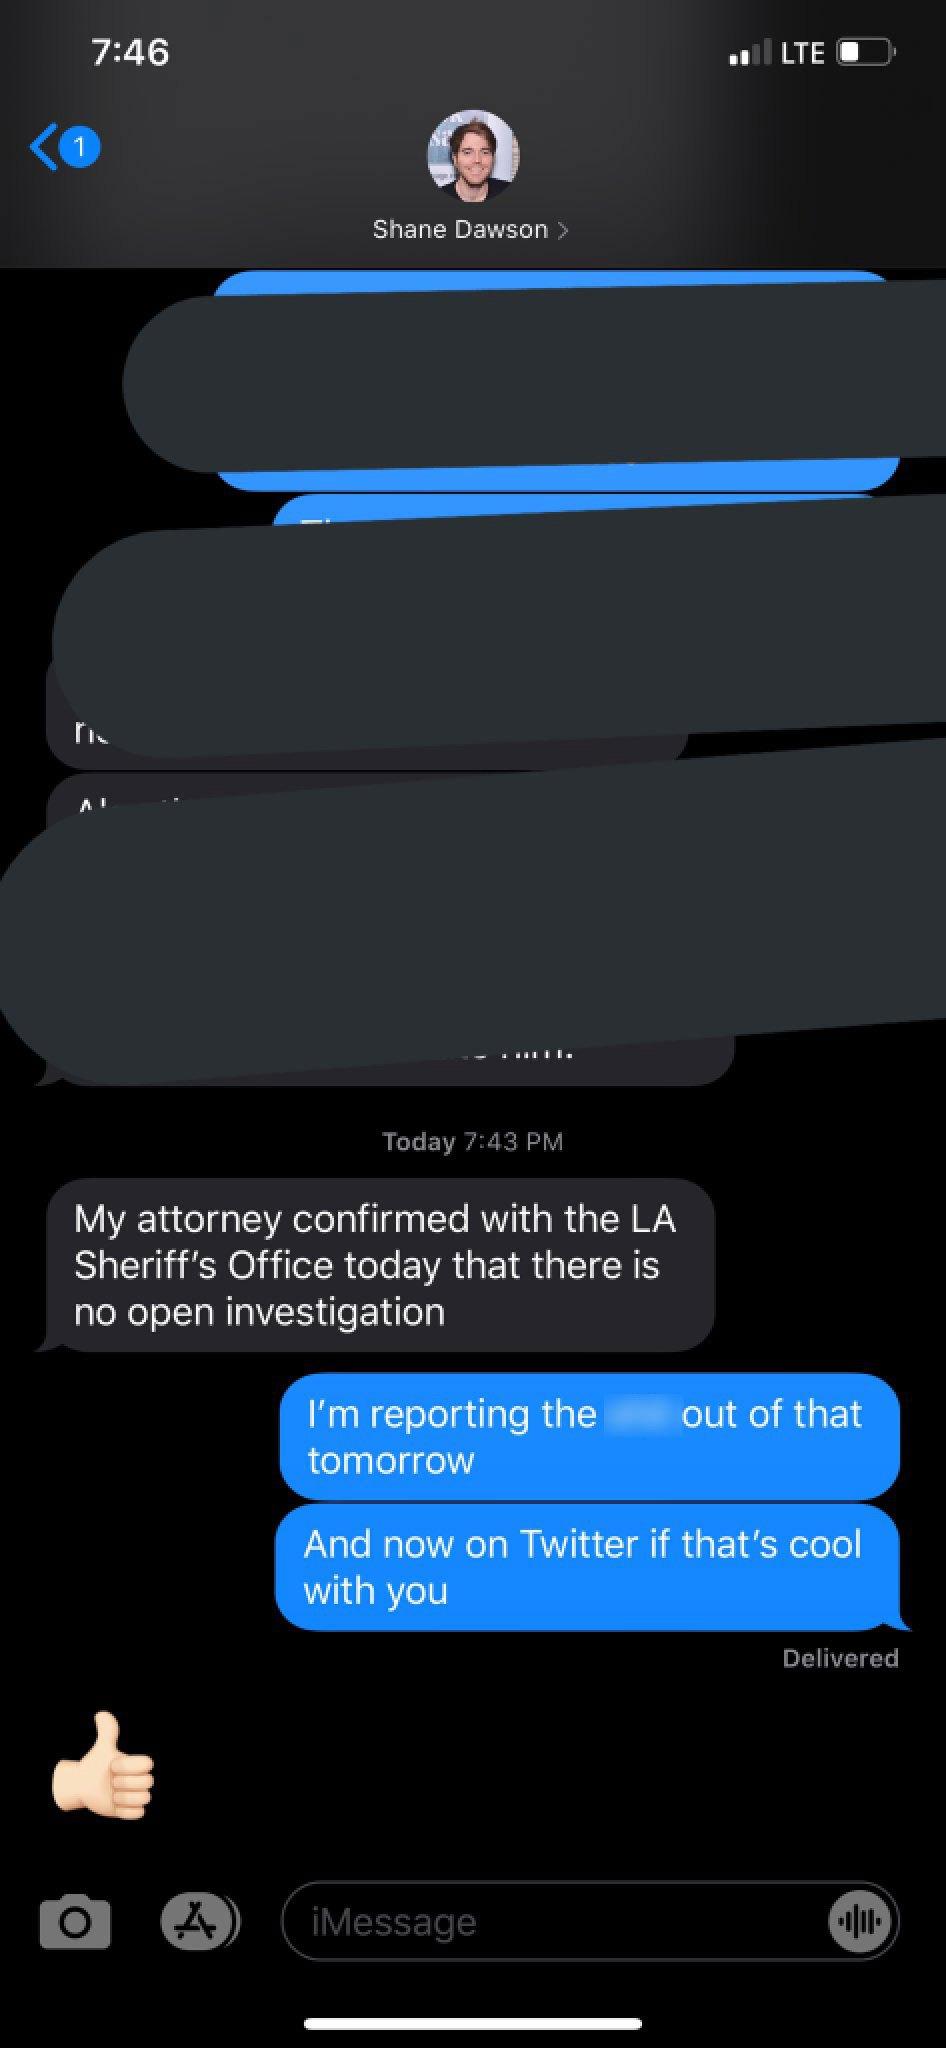 shane dawson denies police rumors